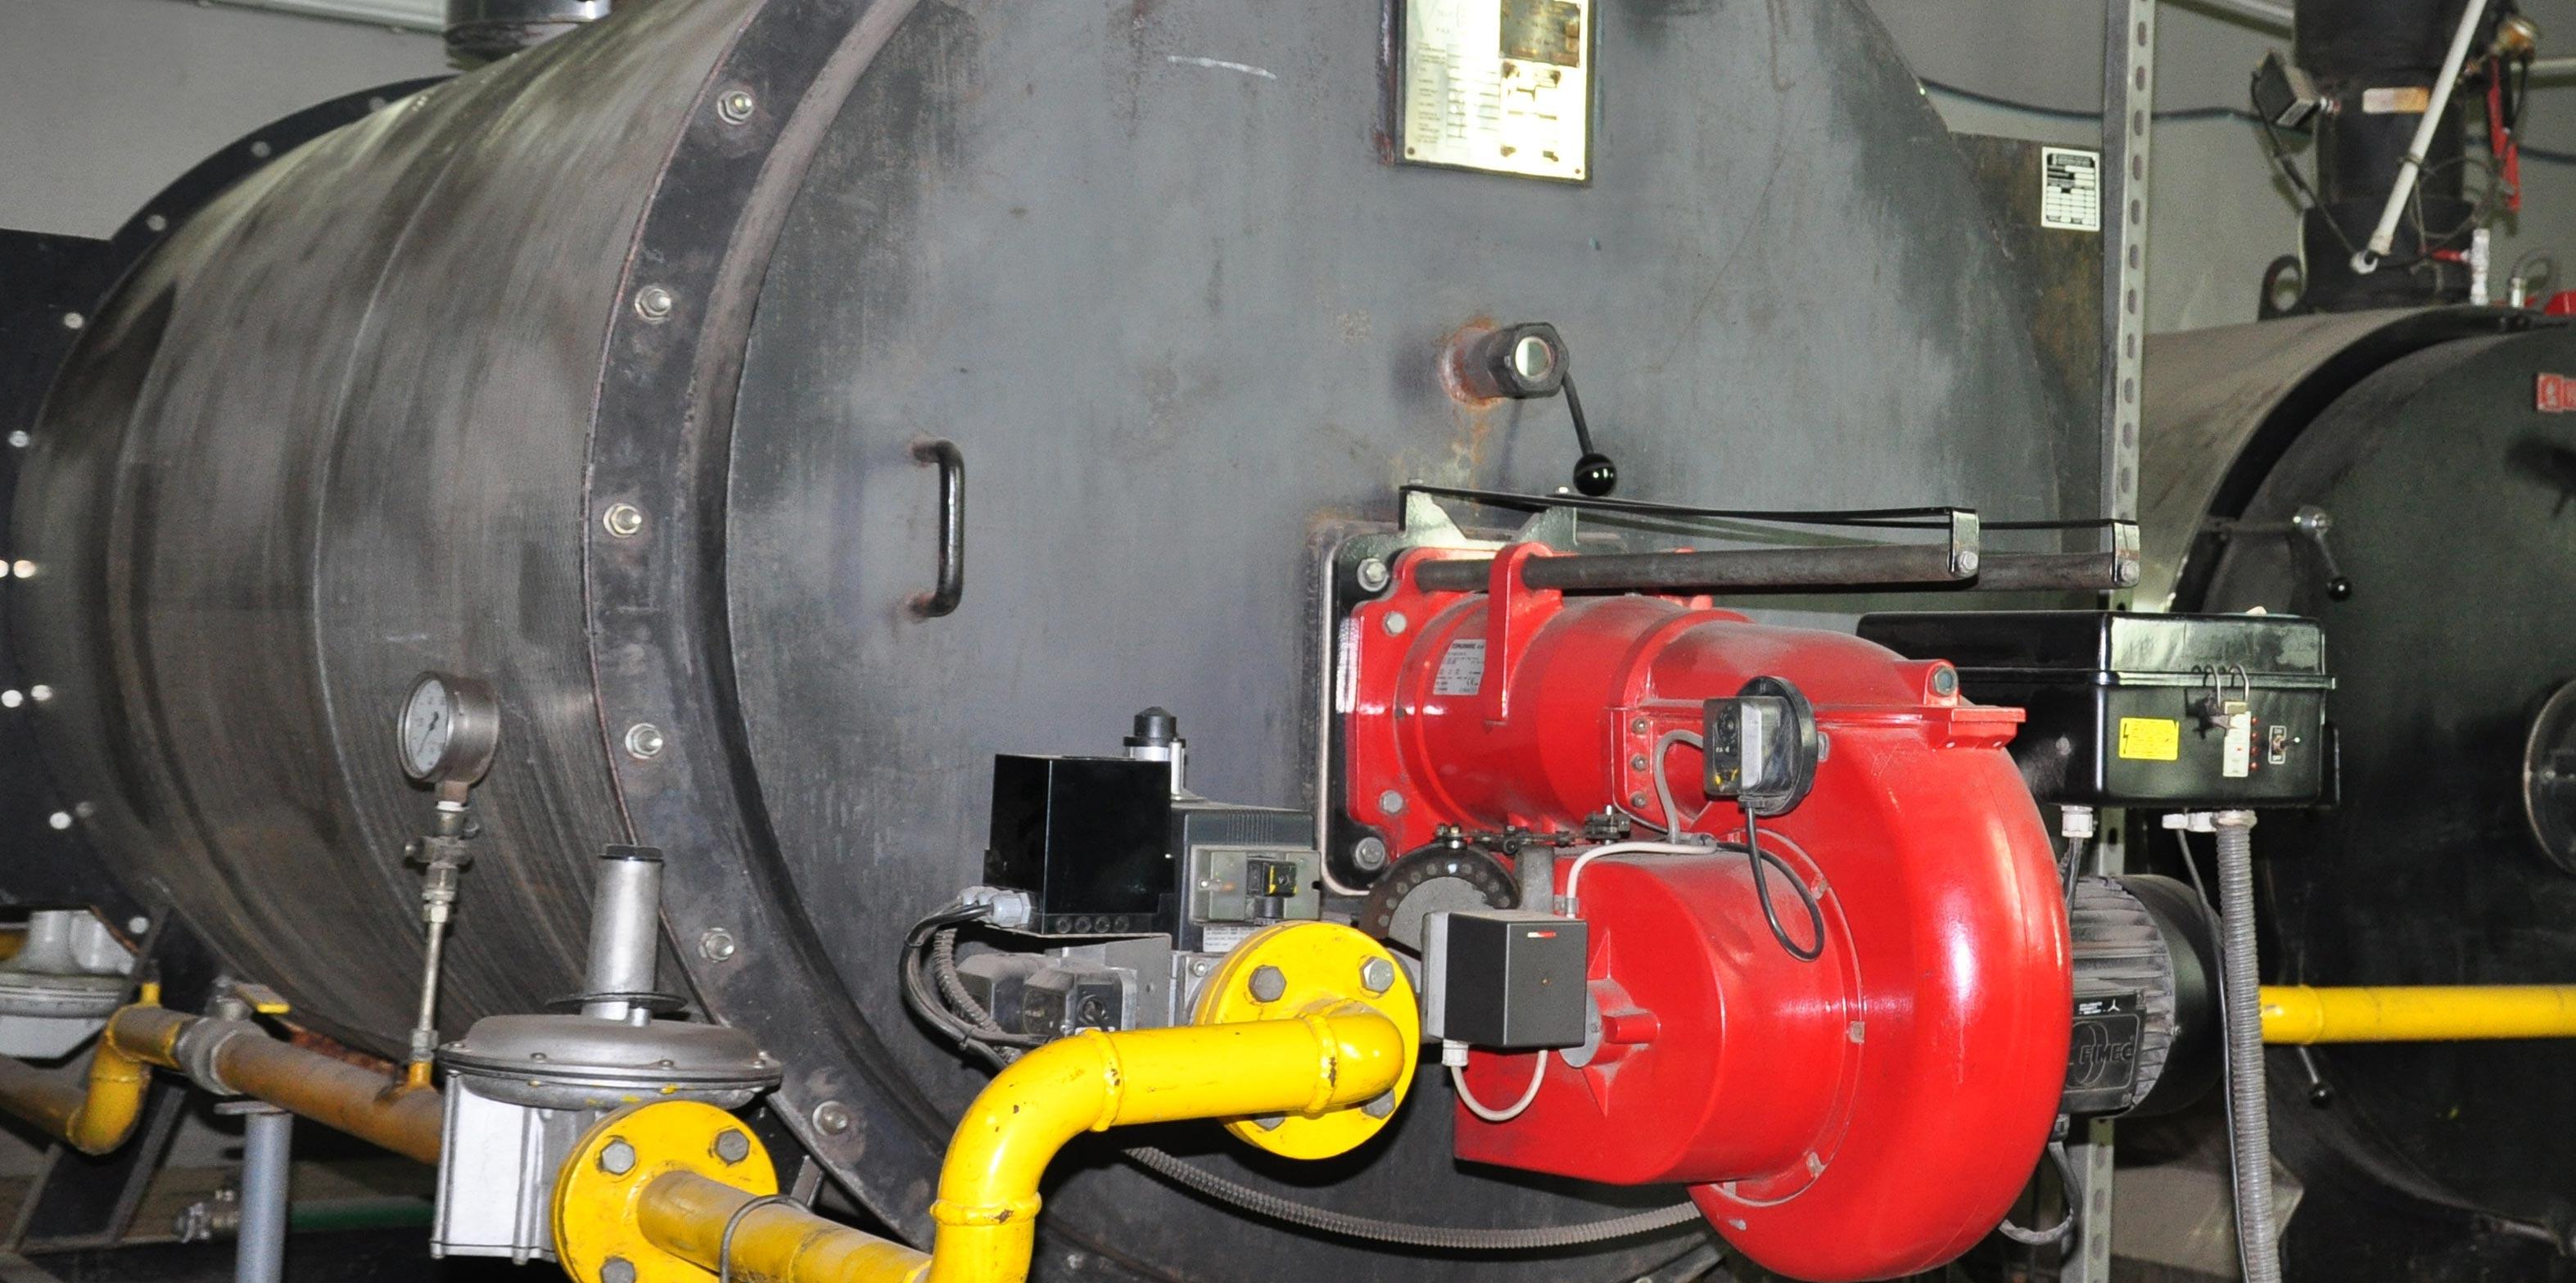 acoval-instalaciones-tecnicas-sld3-1